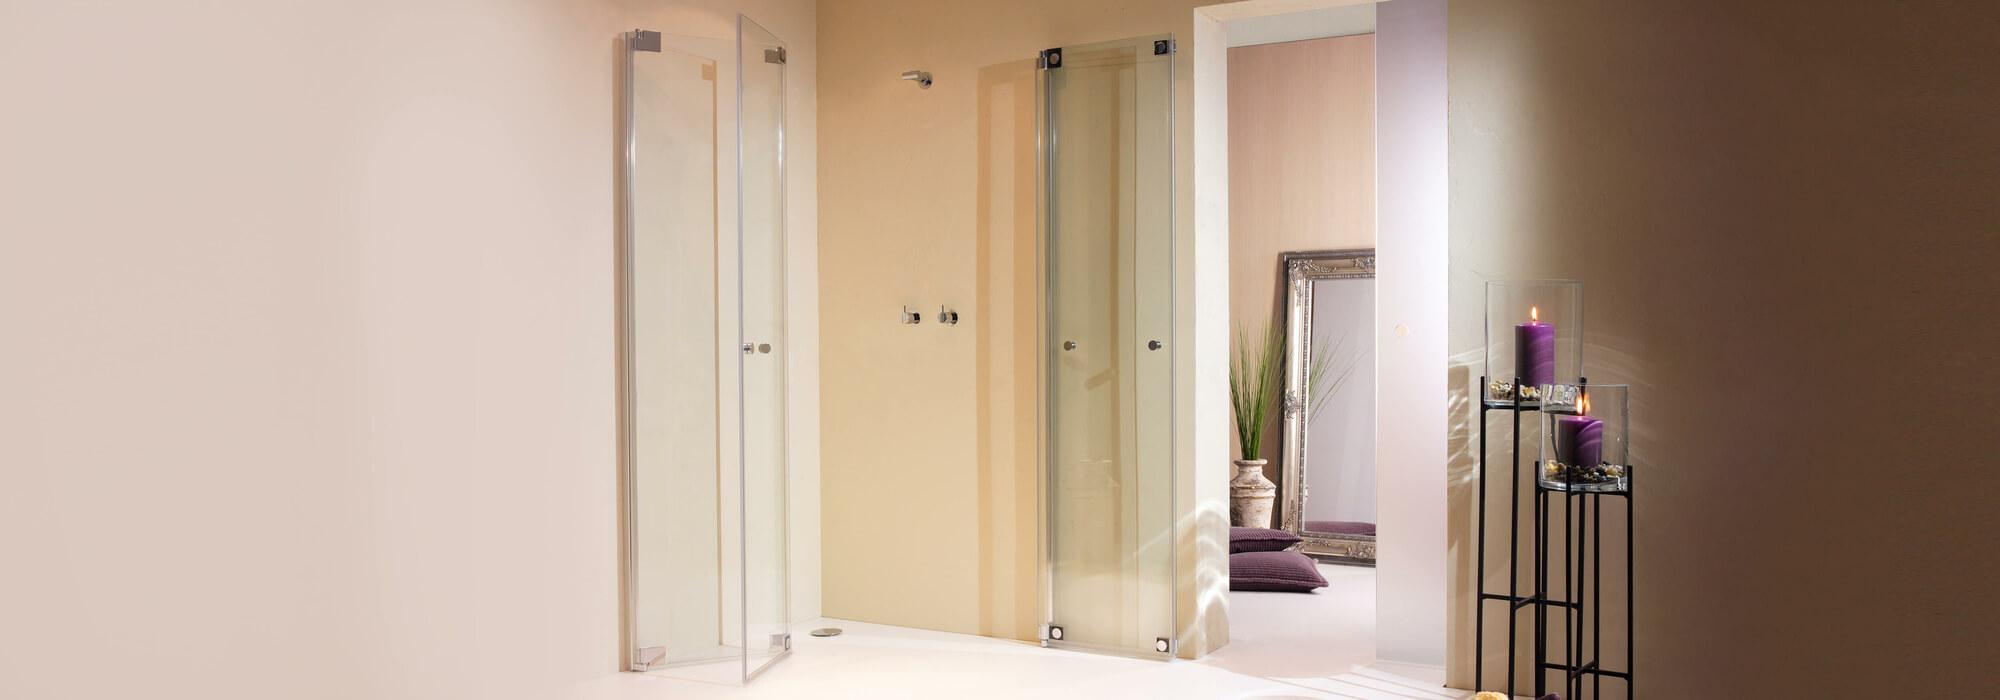 Faltbare Duschkabinen ermöglichen eine vollständige Raumnutzung. Bei Bedarf wird die Glastür zur Seite geklappt.